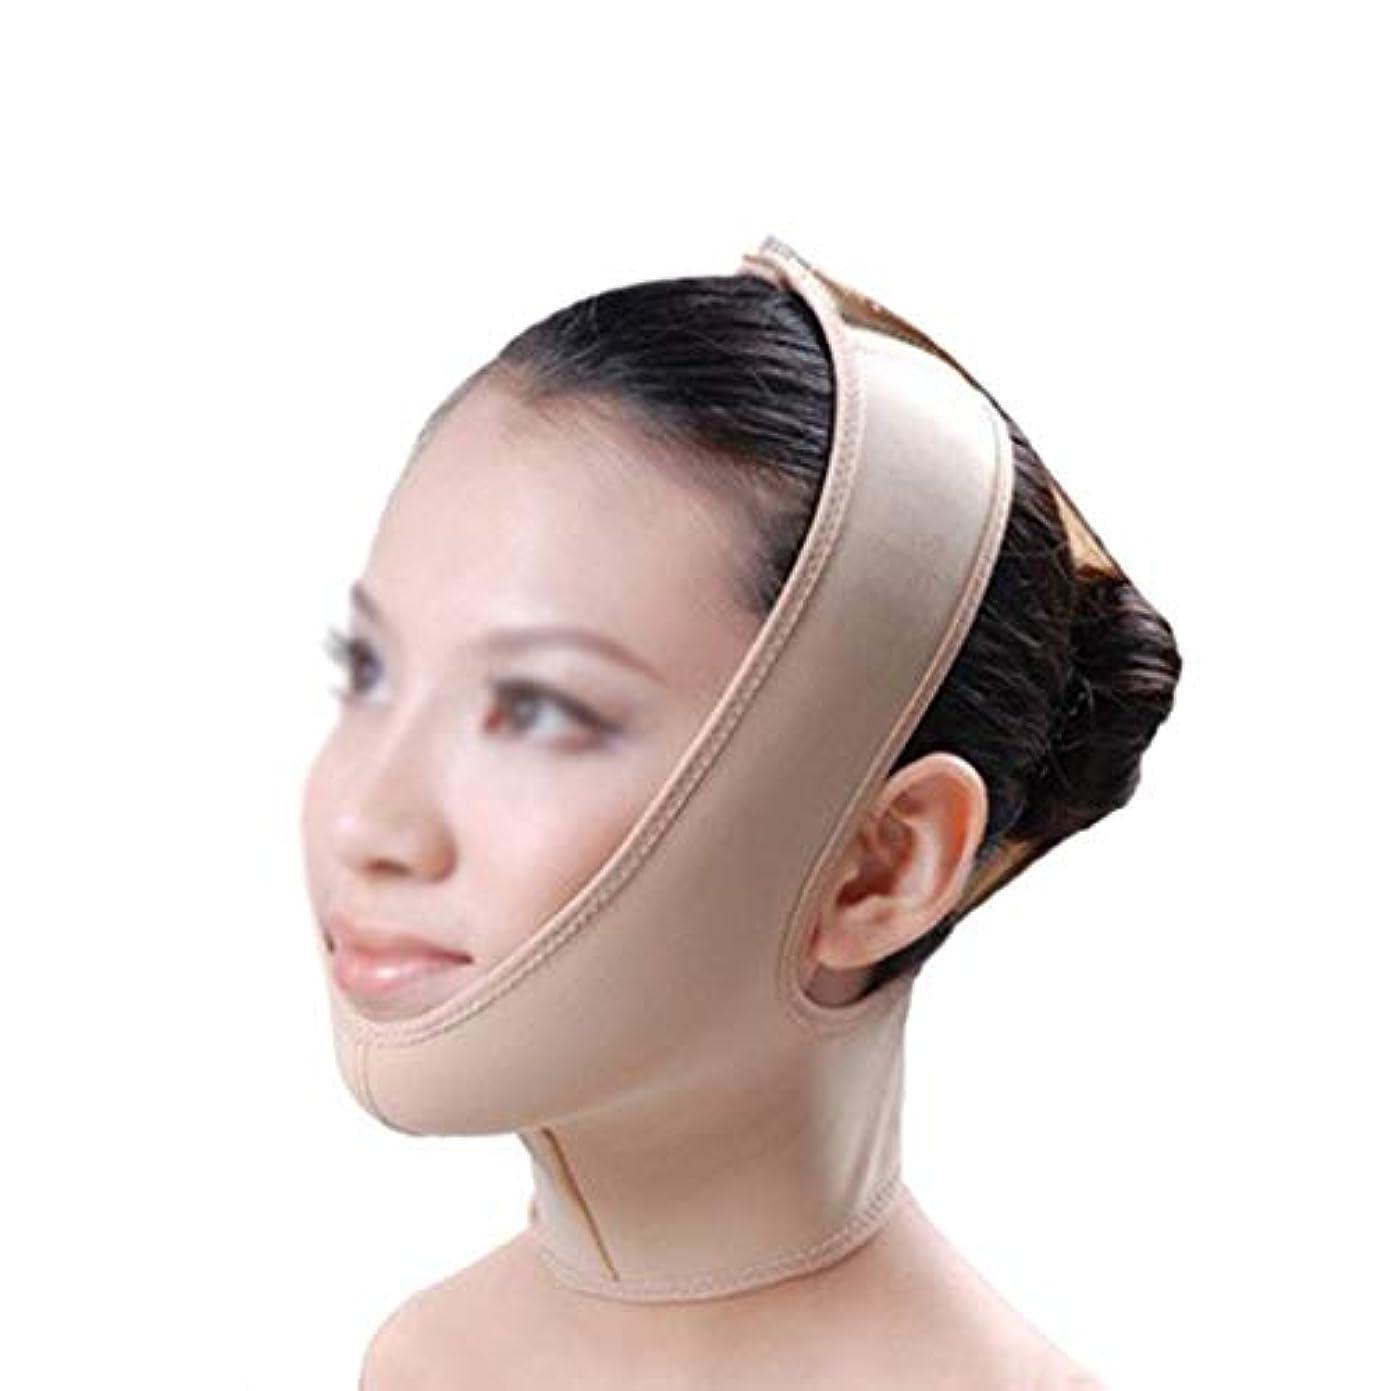 刺激する意識的参照するダブルチンストラップ、包帯リフト、引き締めフェイシャルリフト、フェイシャル減量マスク、リフティングスキン包帯,男性と女性の両方が使用できます (Size : M)